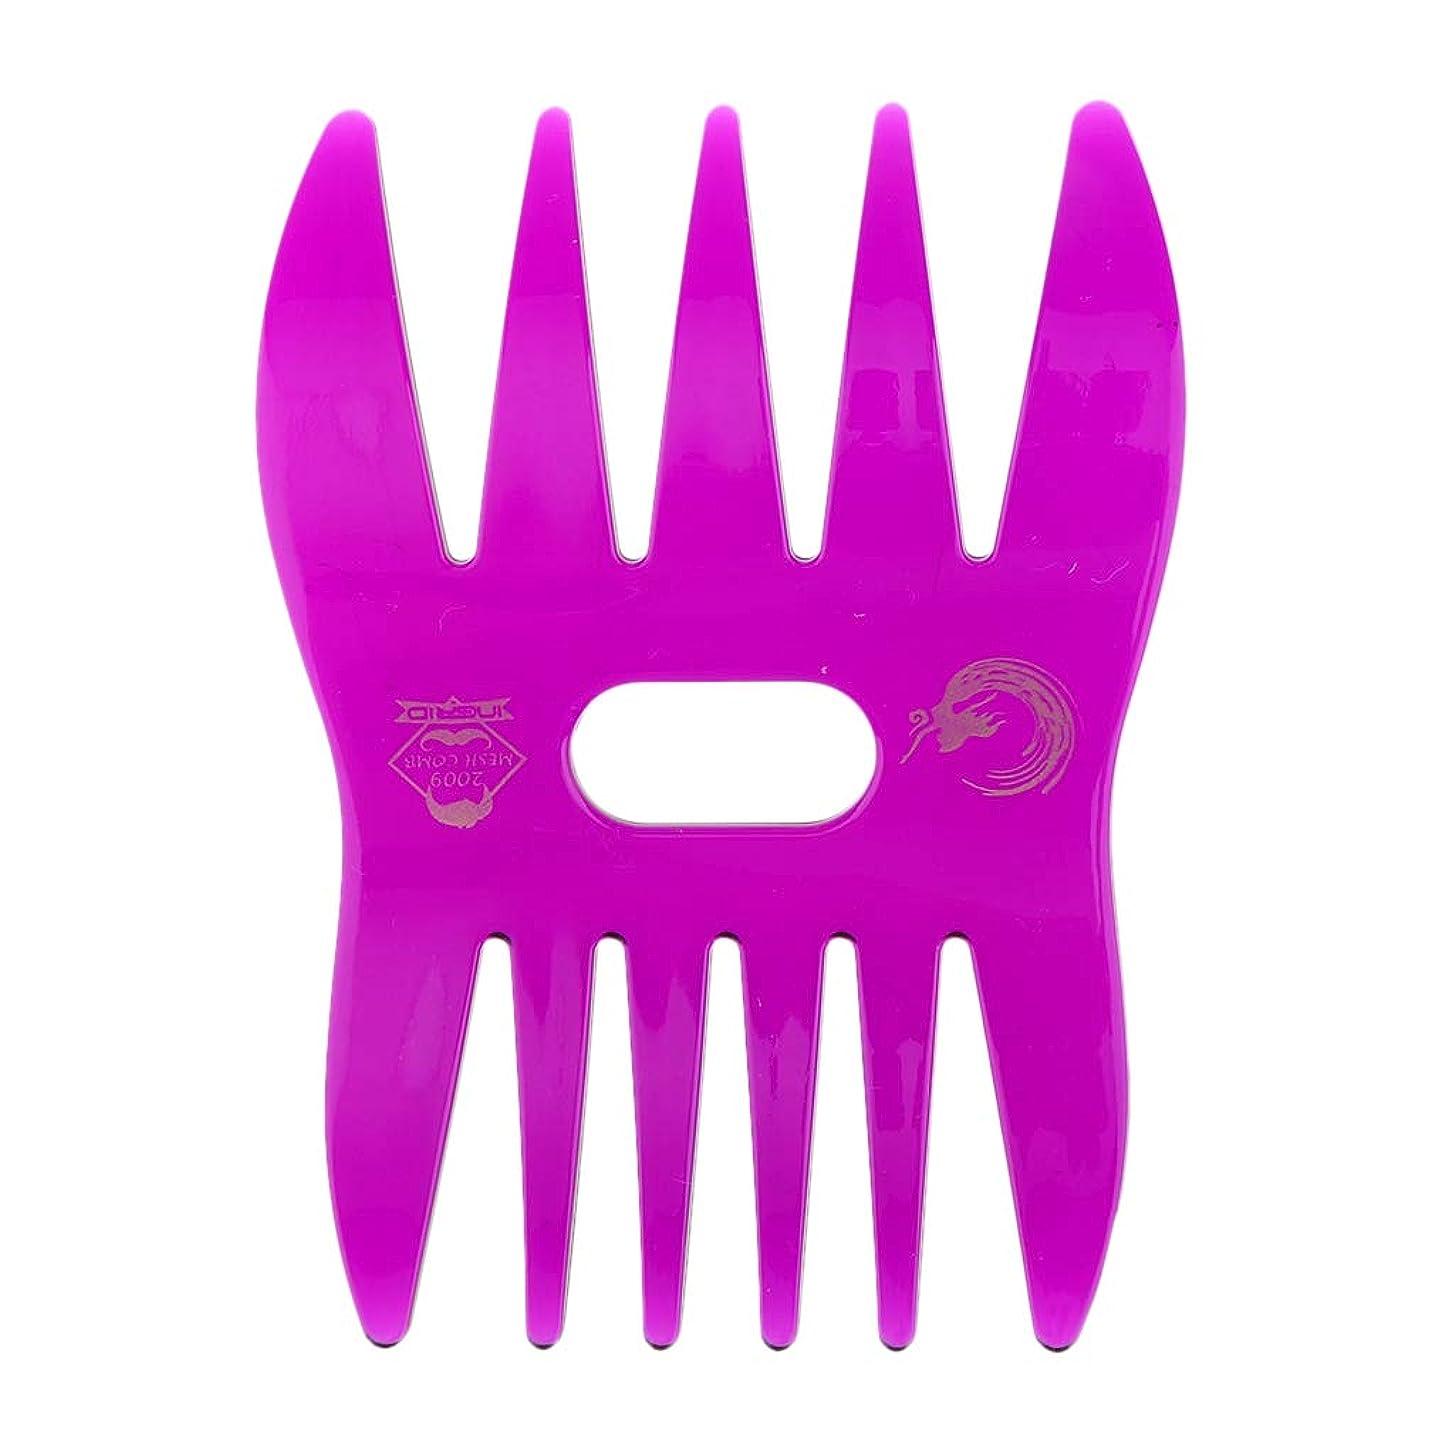 実行相反する滅びるP Prettyia ヘアコーム ヘアブラシ デュアルサイド ワイド 細かい歯 プロ ヘアスタイリスト 櫛 4色選べ - 紫